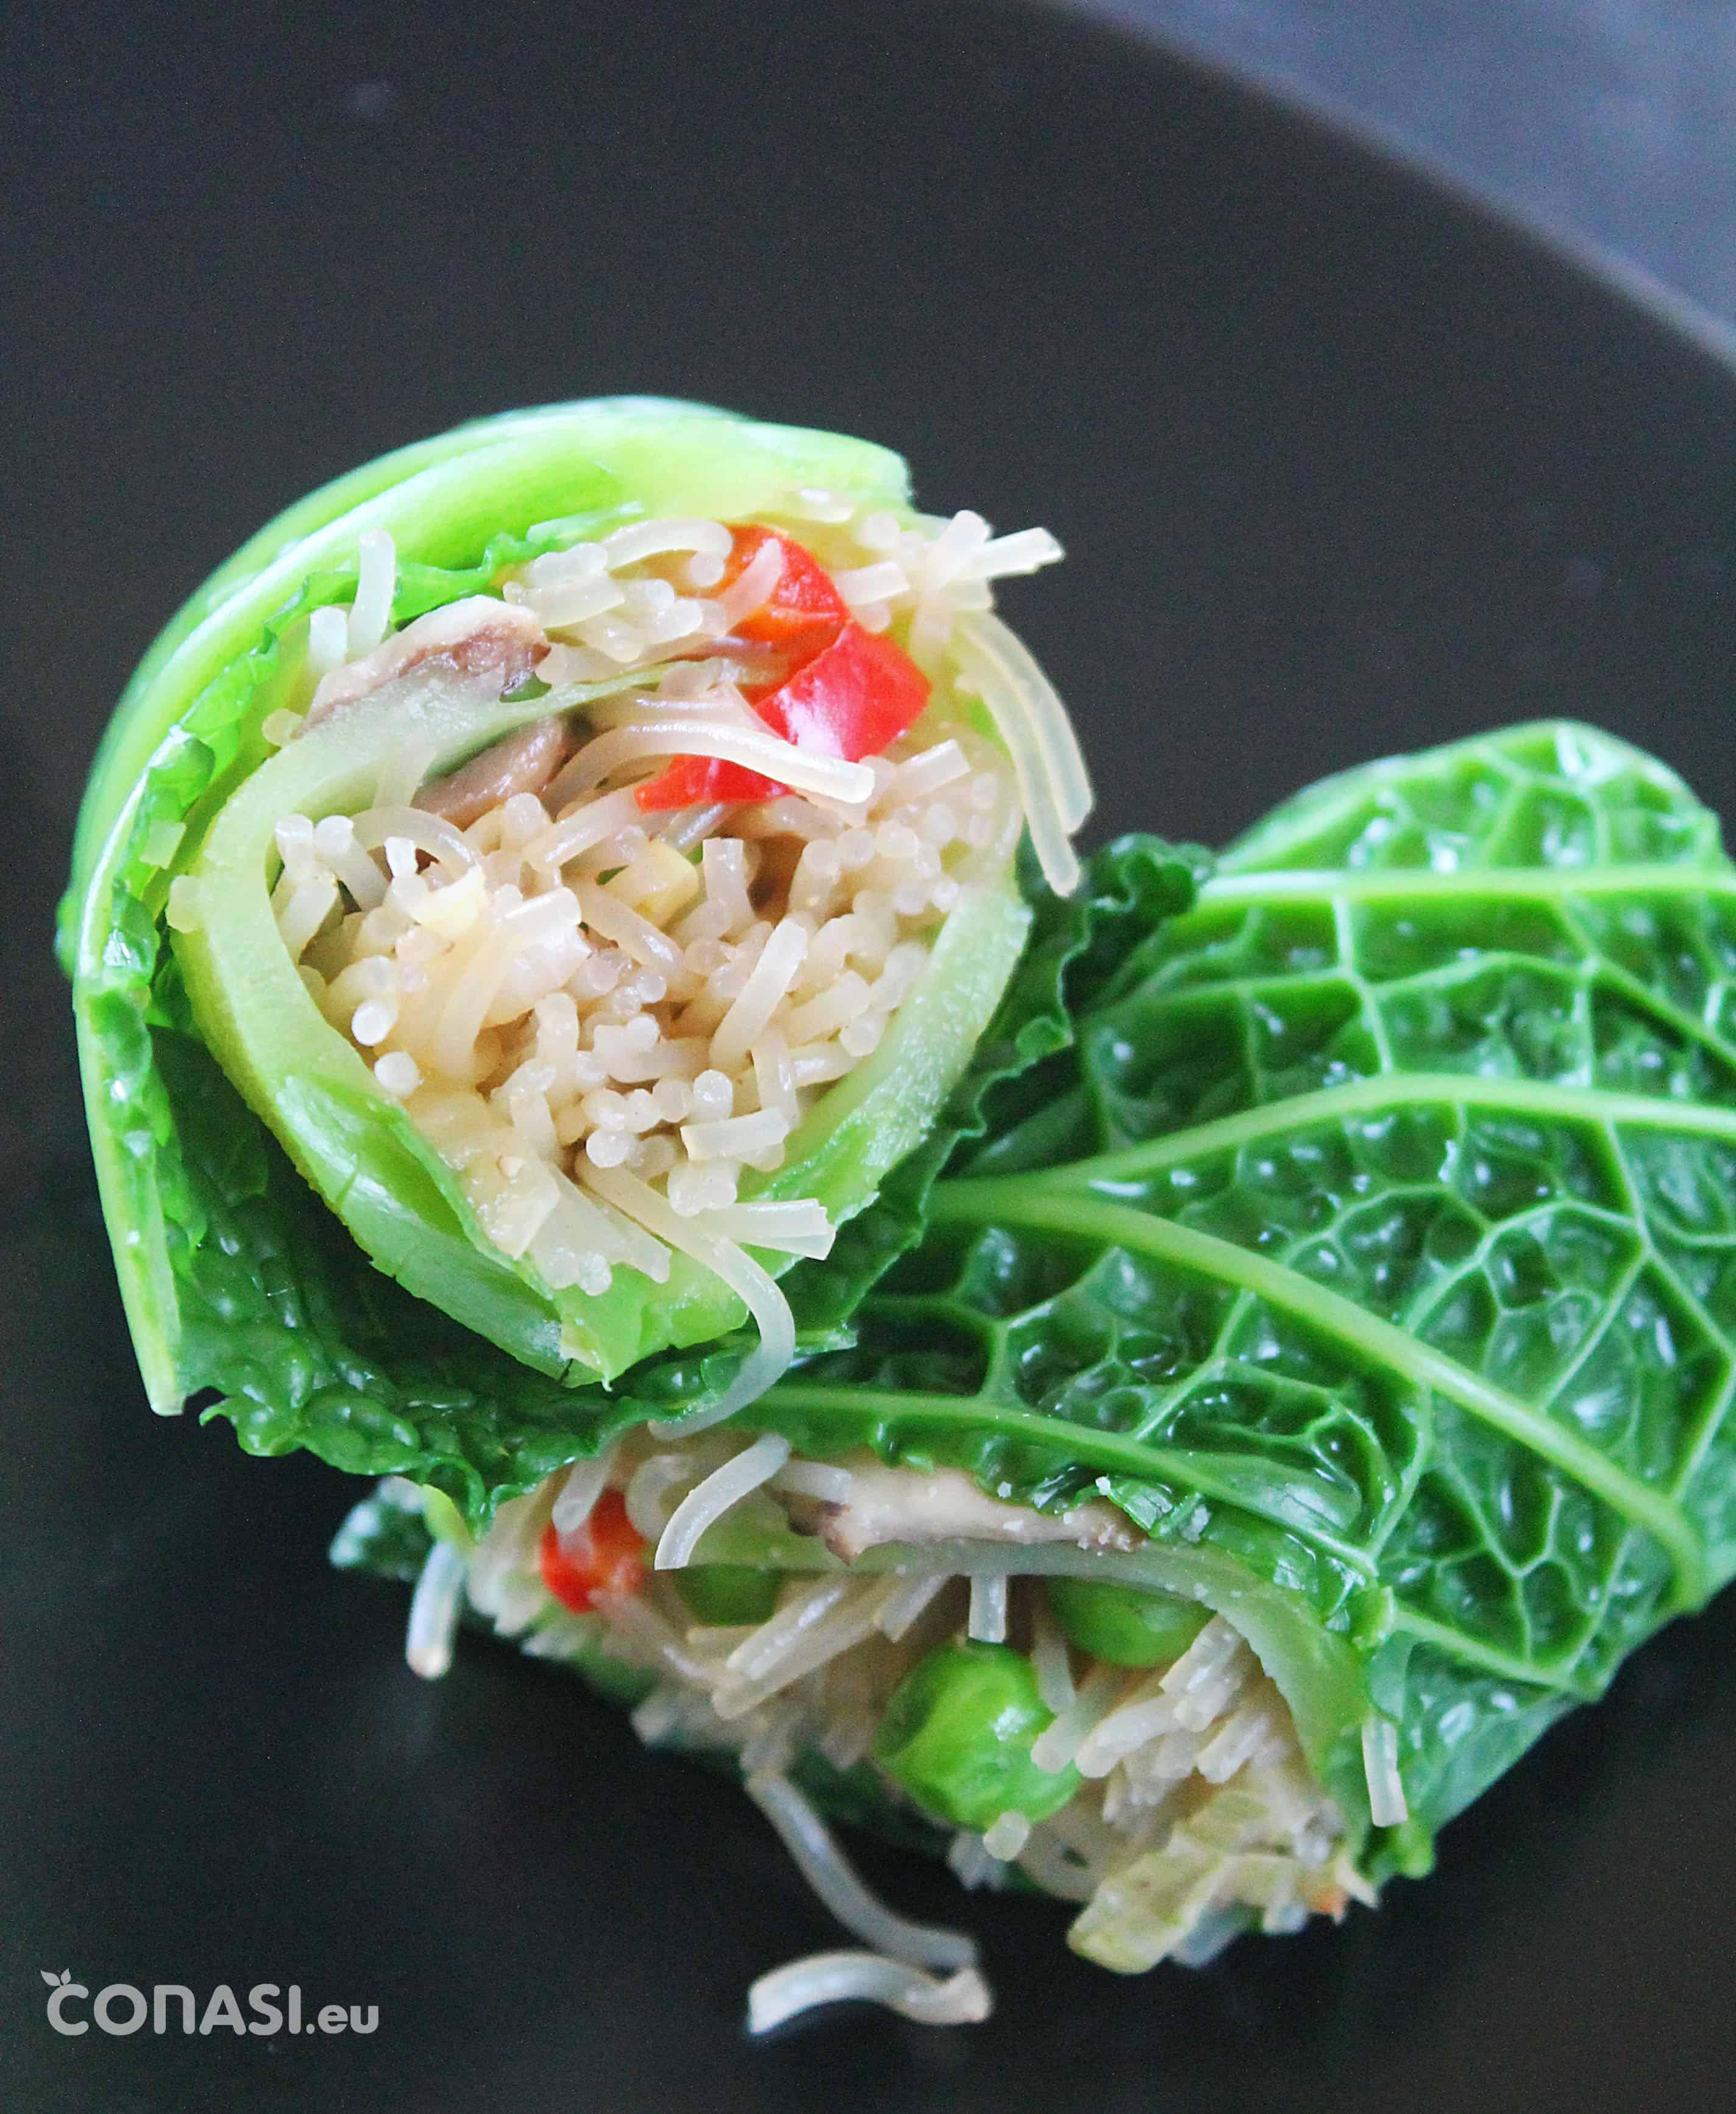 Rollitos de col rellenos de fideos de arroz